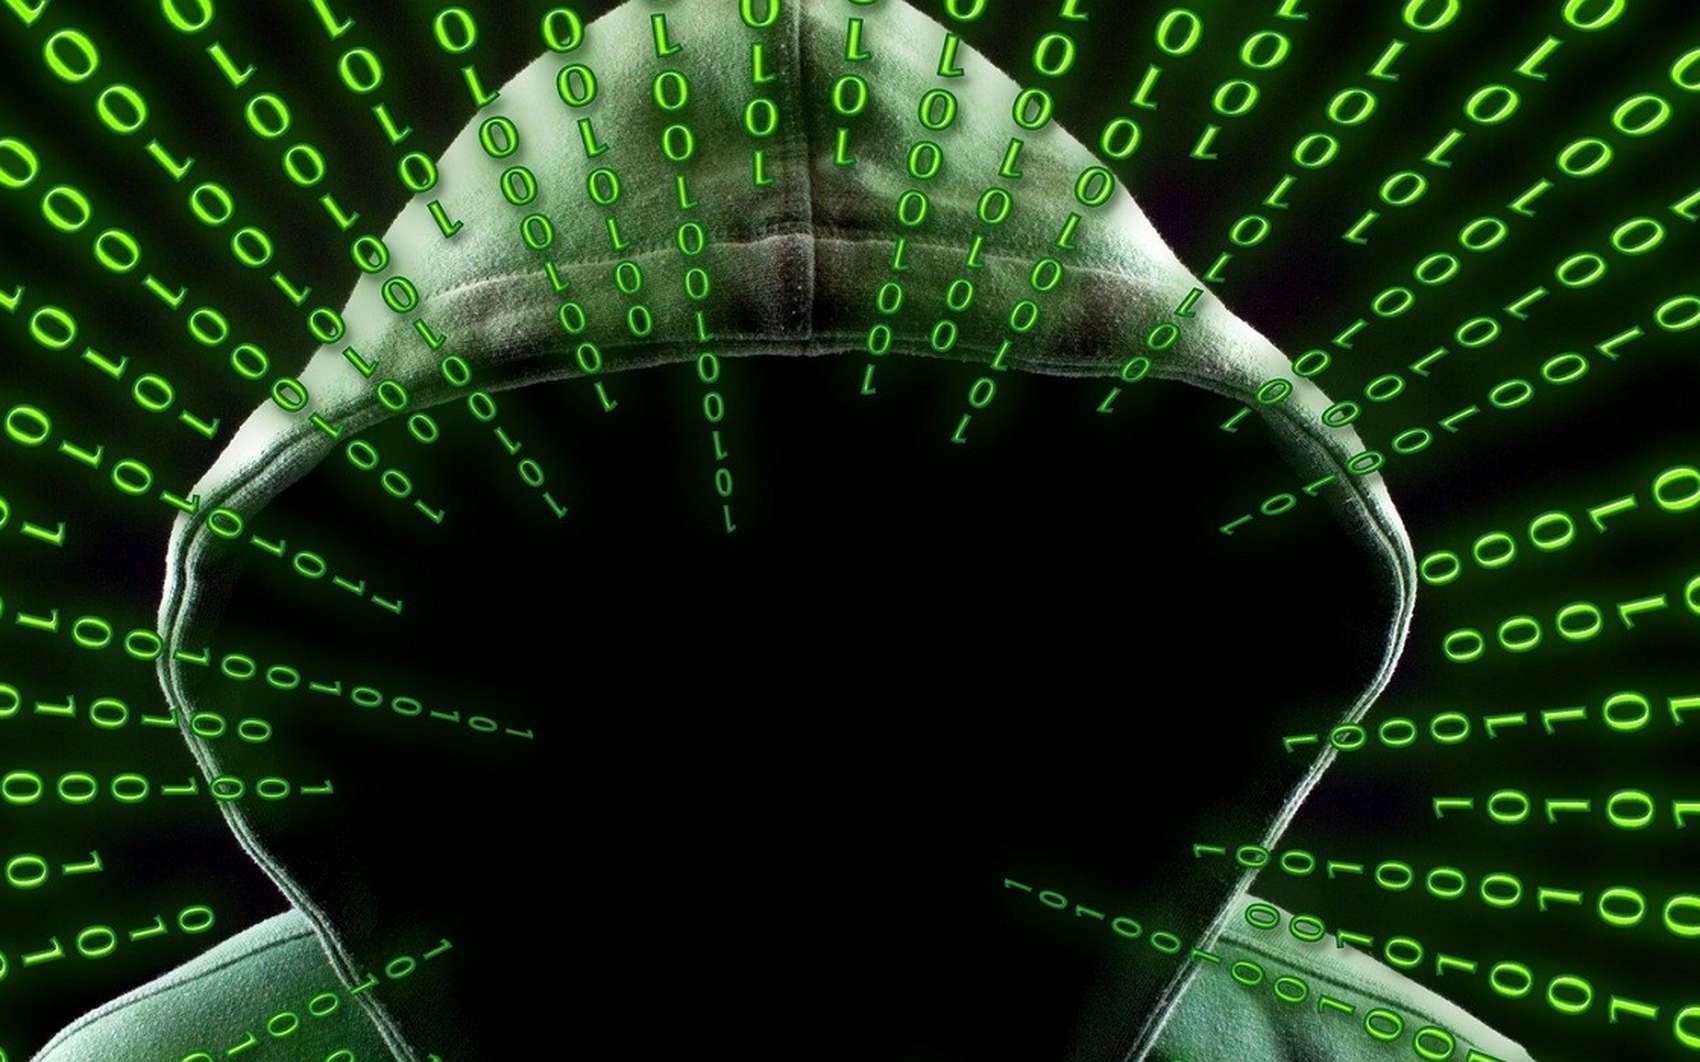 Les Blackhat sont des hackeurs mal intentionnés. © geralt, Pixabay